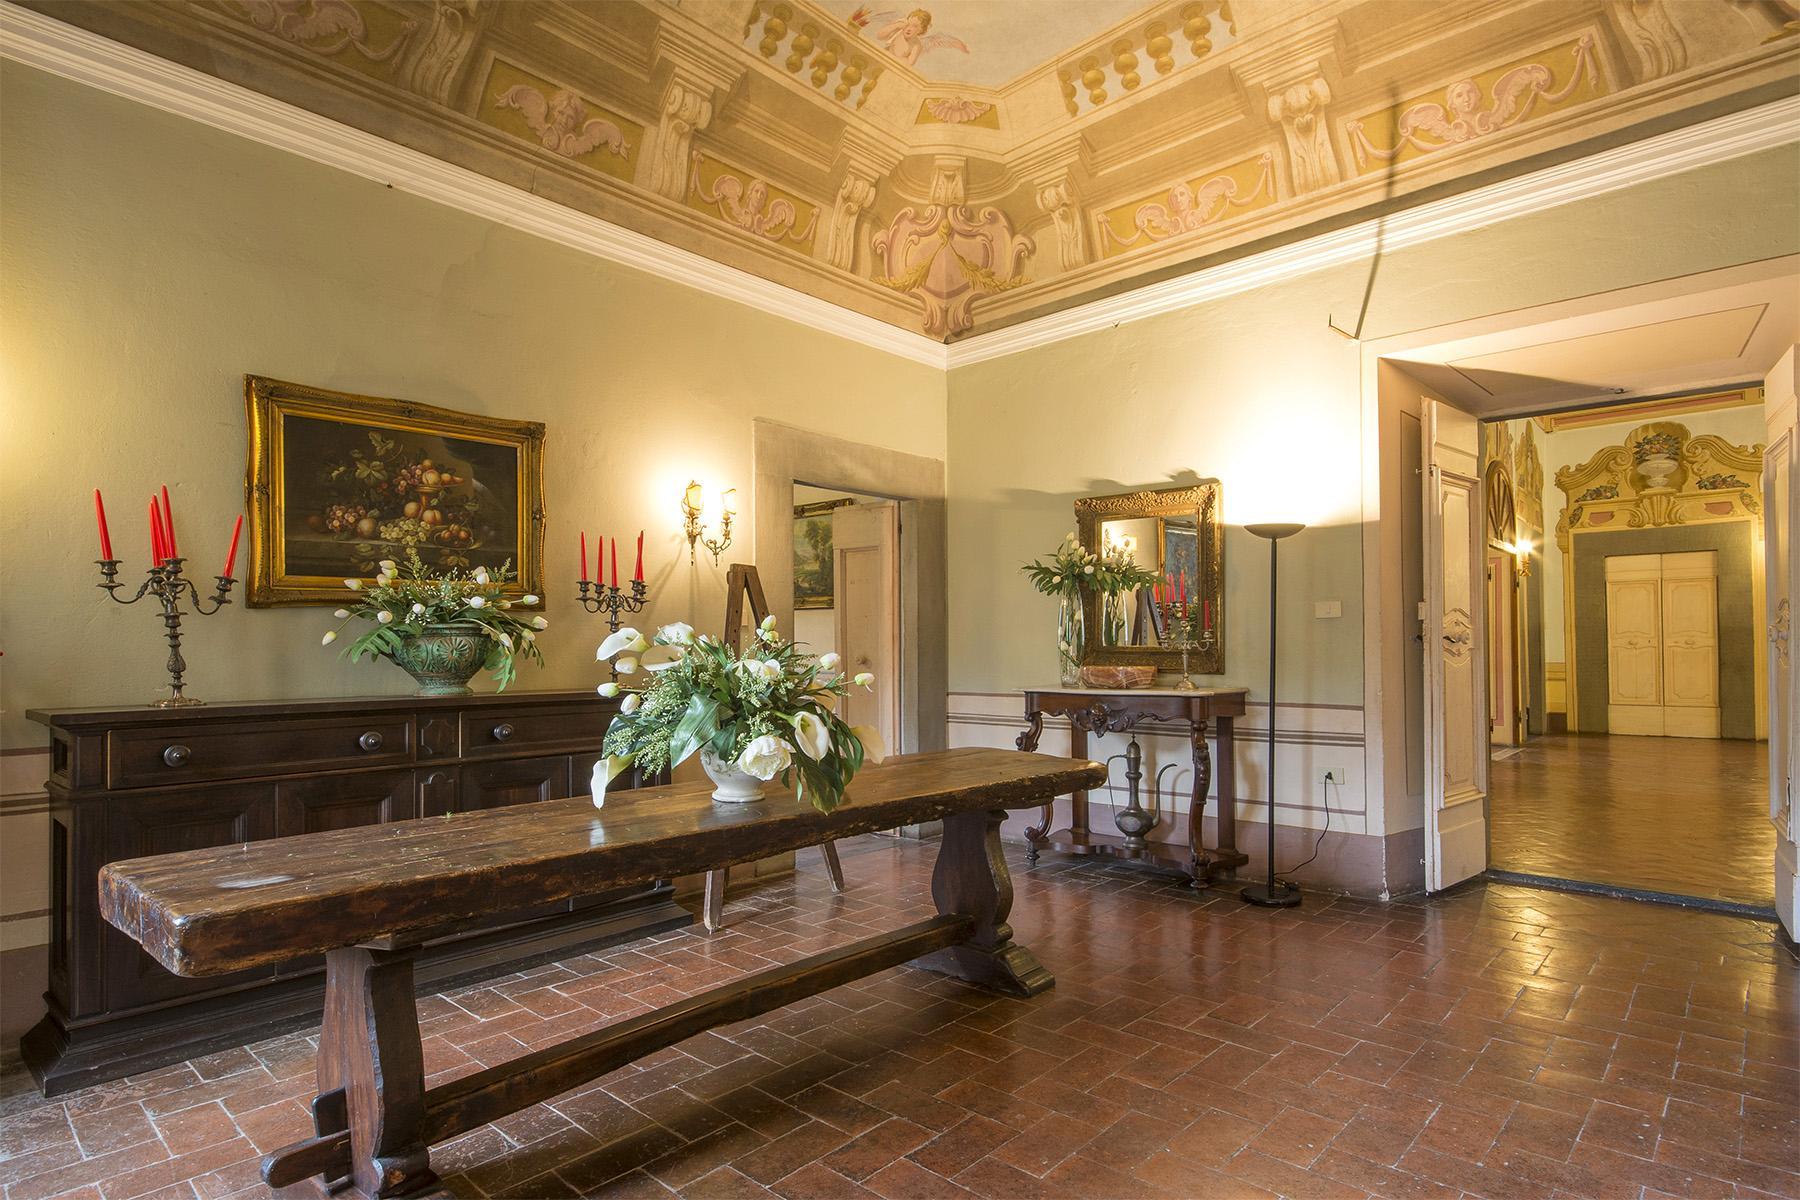 Meravigliosa Villa Medicea sulle colline Pisane - 6